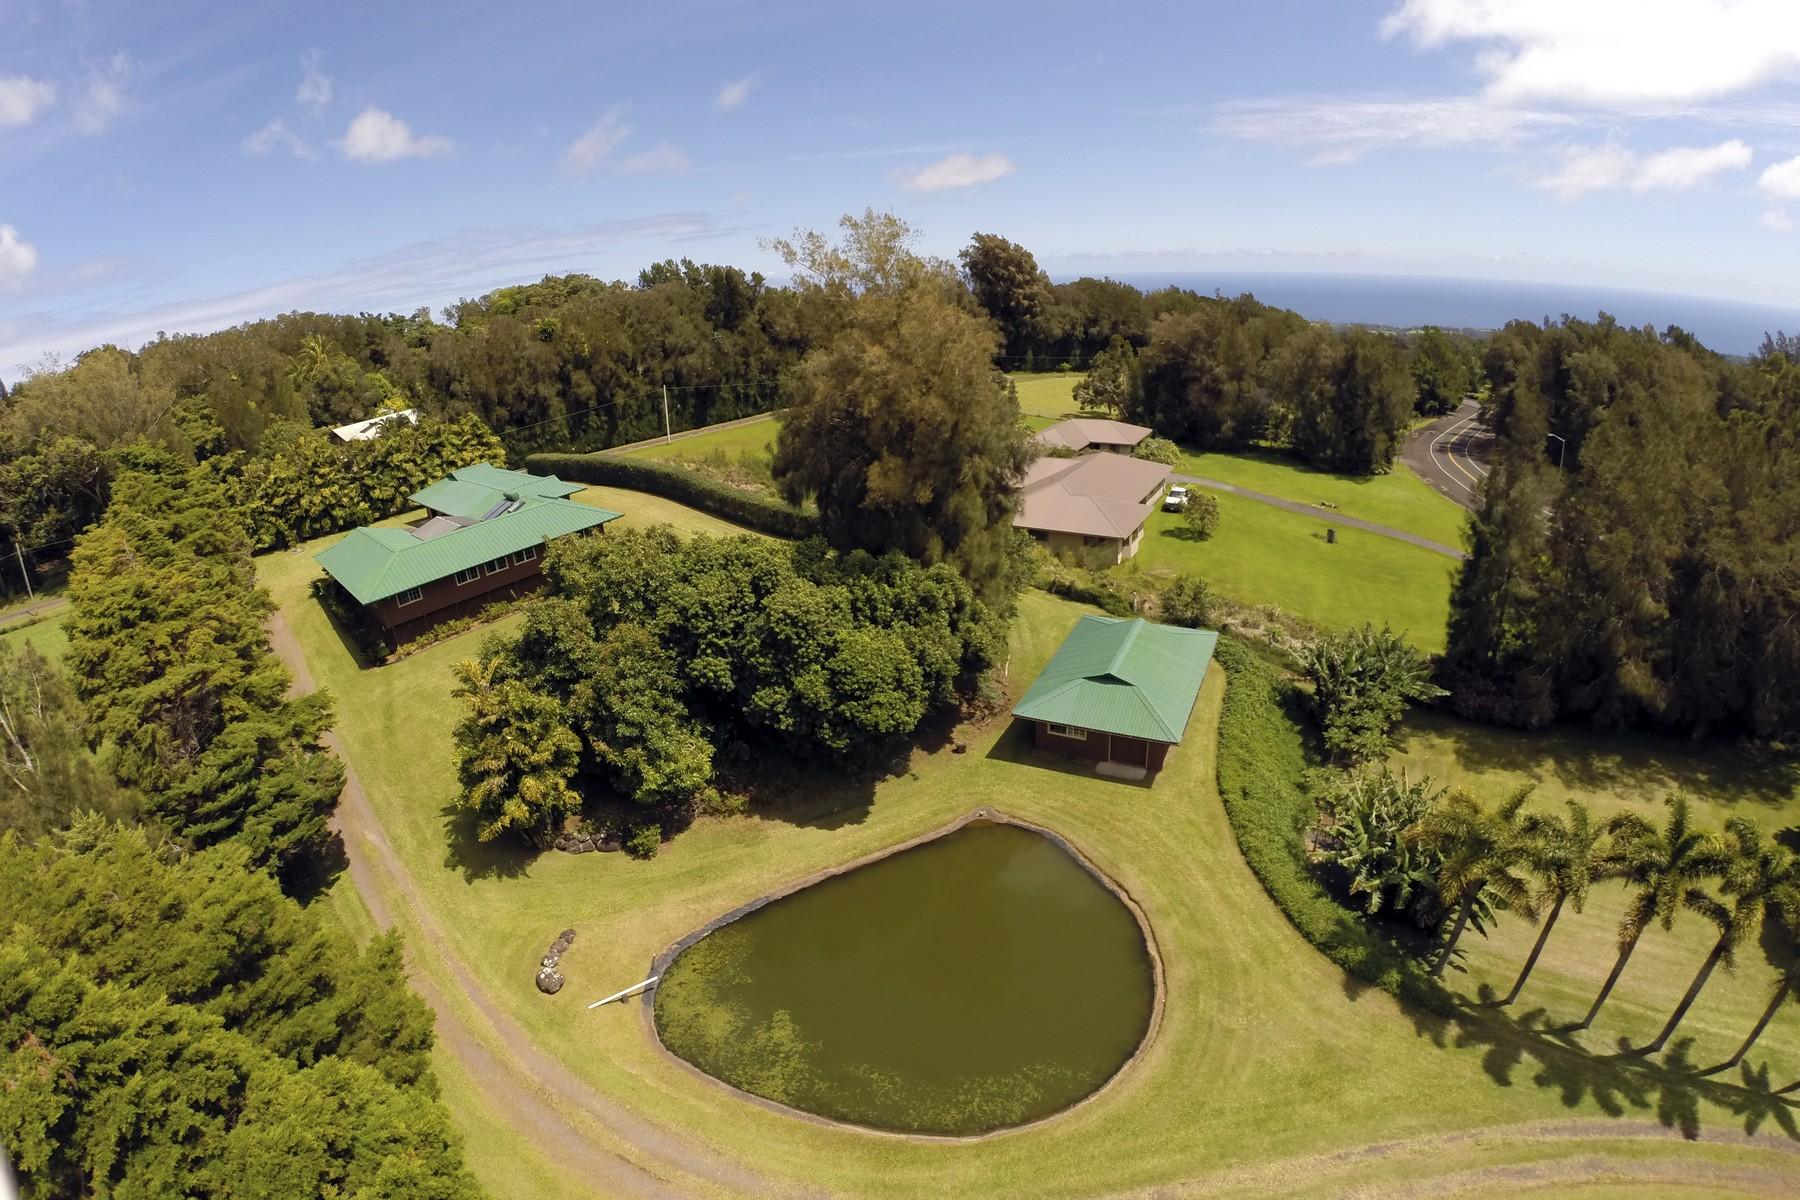 独户住宅 为 销售 在 Maliu Ridge I 55-830 Kukini Pl Hawi, 夏威夷 96719 美国